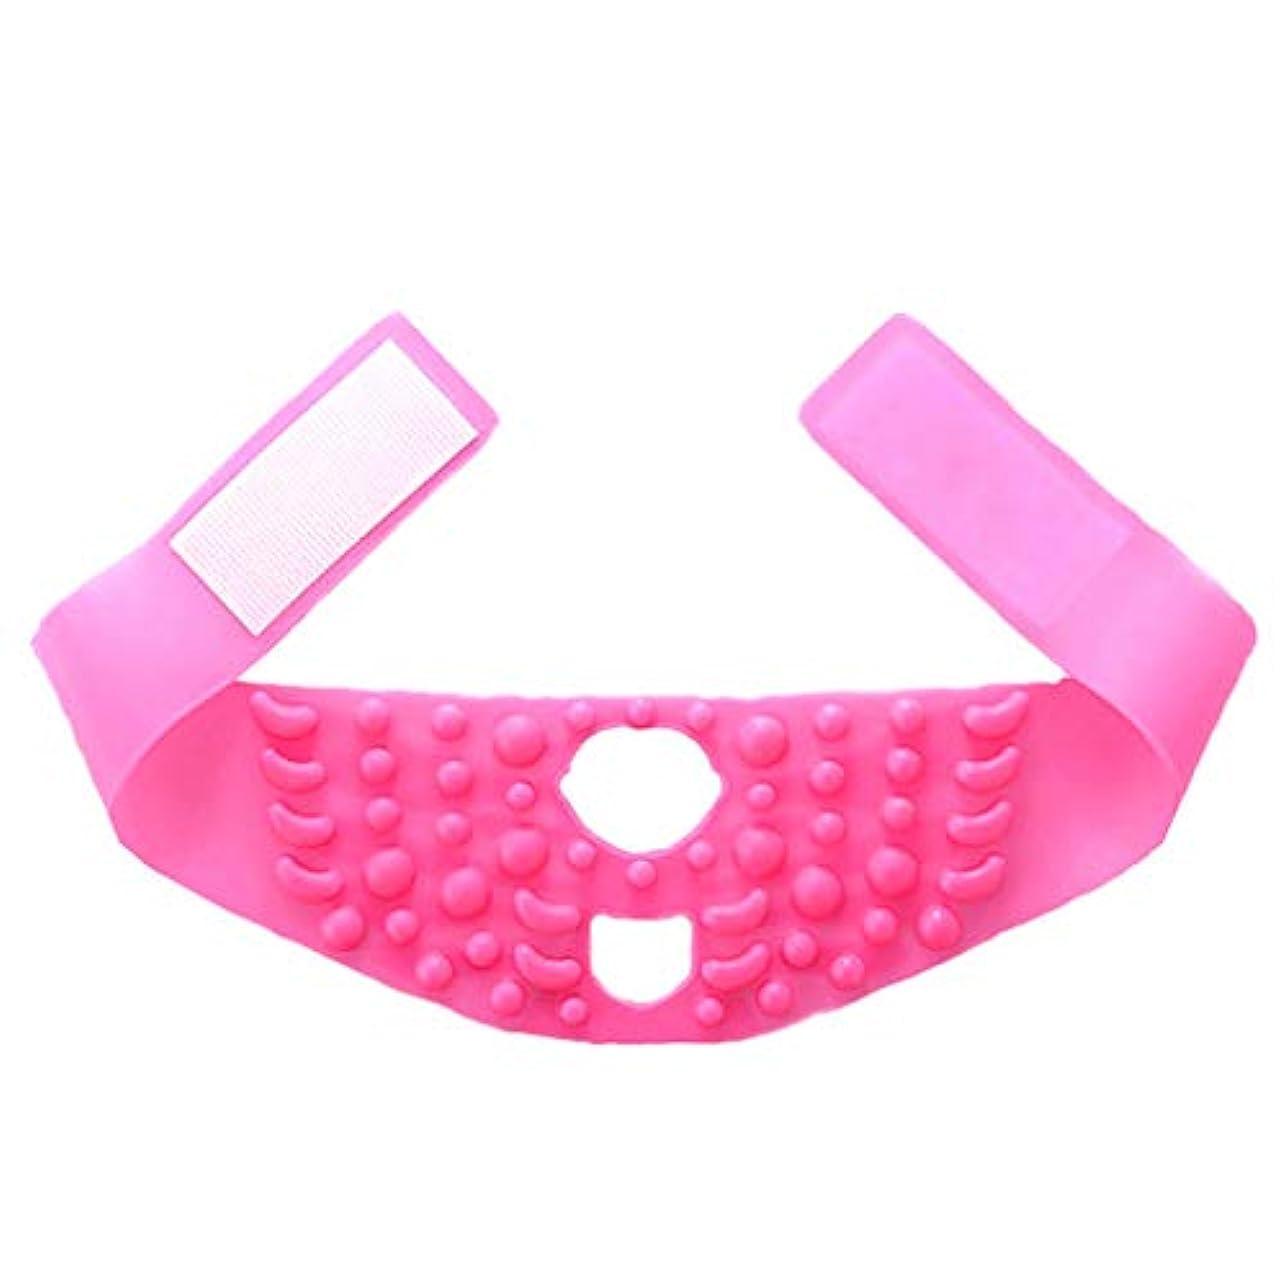 すぐに反射バターTLMY 顔の持ち上がるマスクのあごのリボンのシリコーンVのマスクのマスク強力な包帯Vの表面の人工物小さいVの顔の包帯顔および首の持ち上がるピンクのシリコーンの包帯 顔用整形マスク